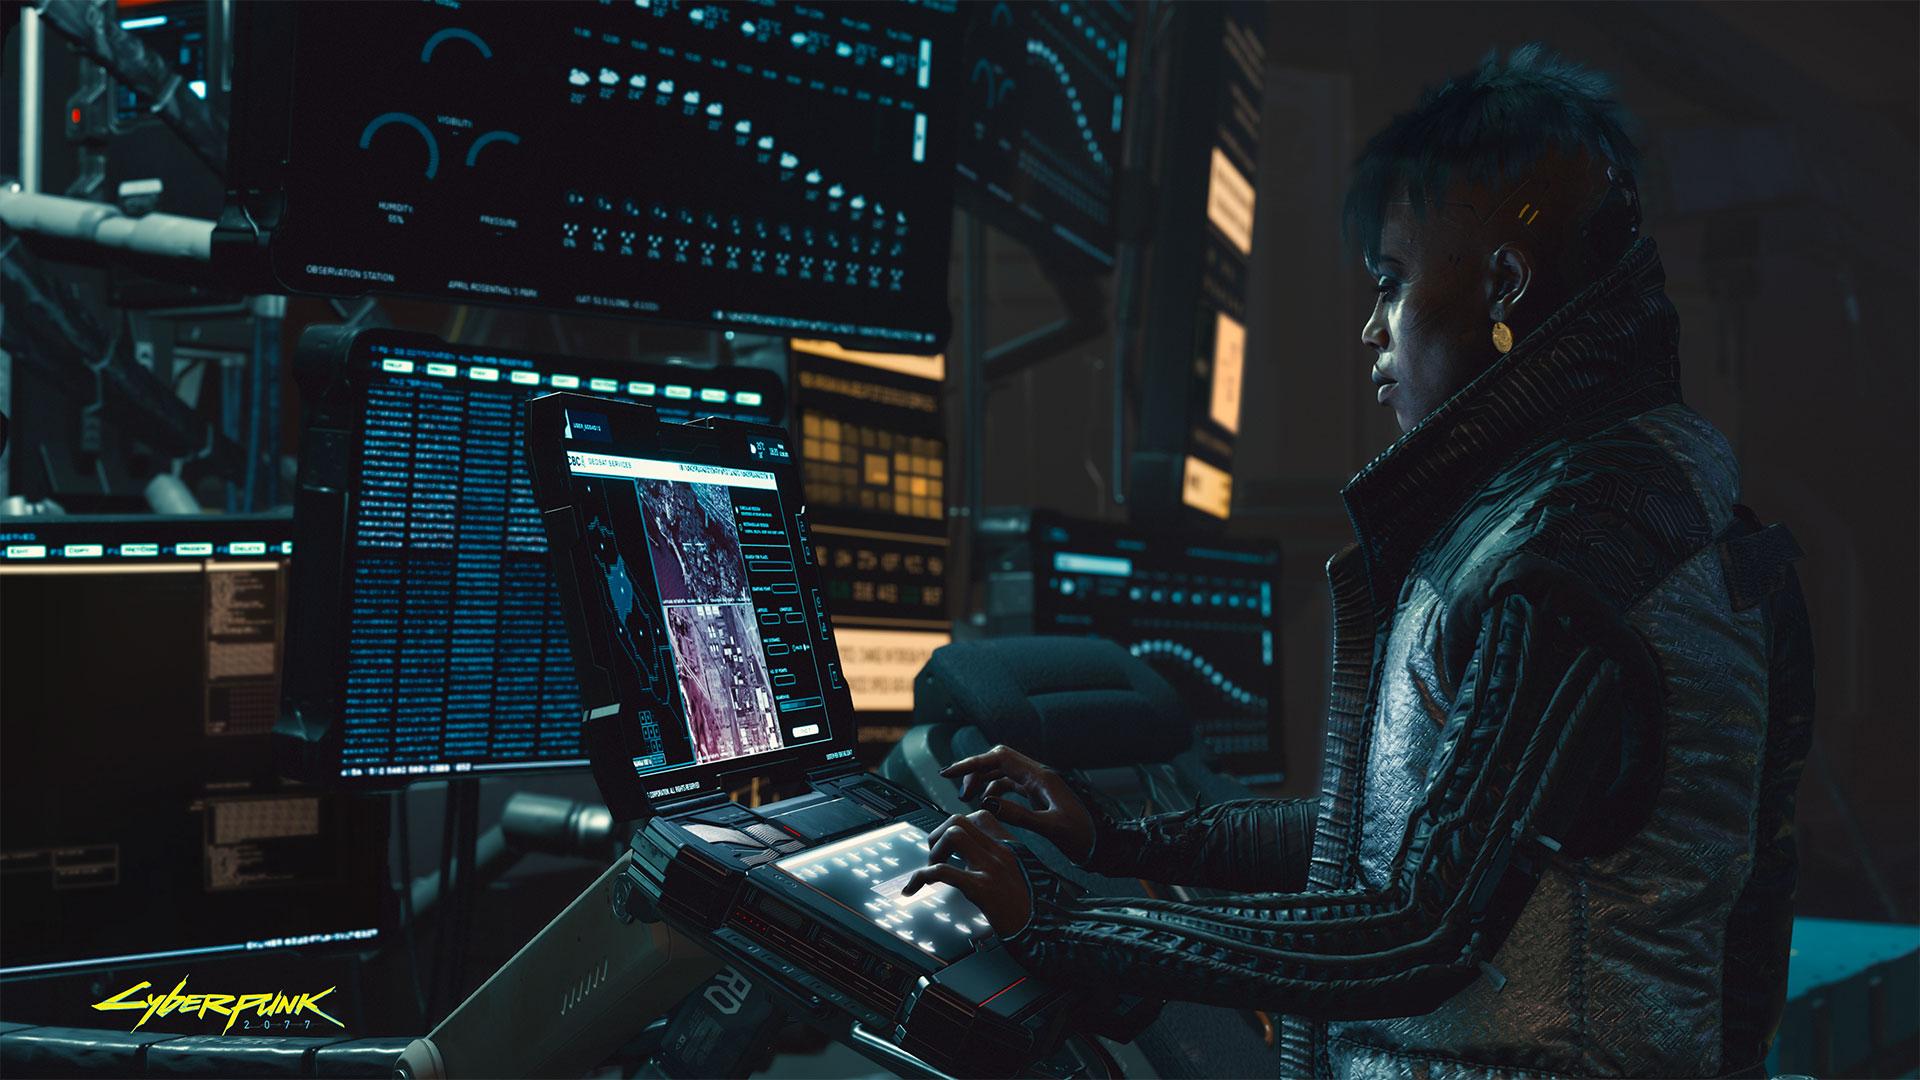 Cyberpunk 2077 Running the show